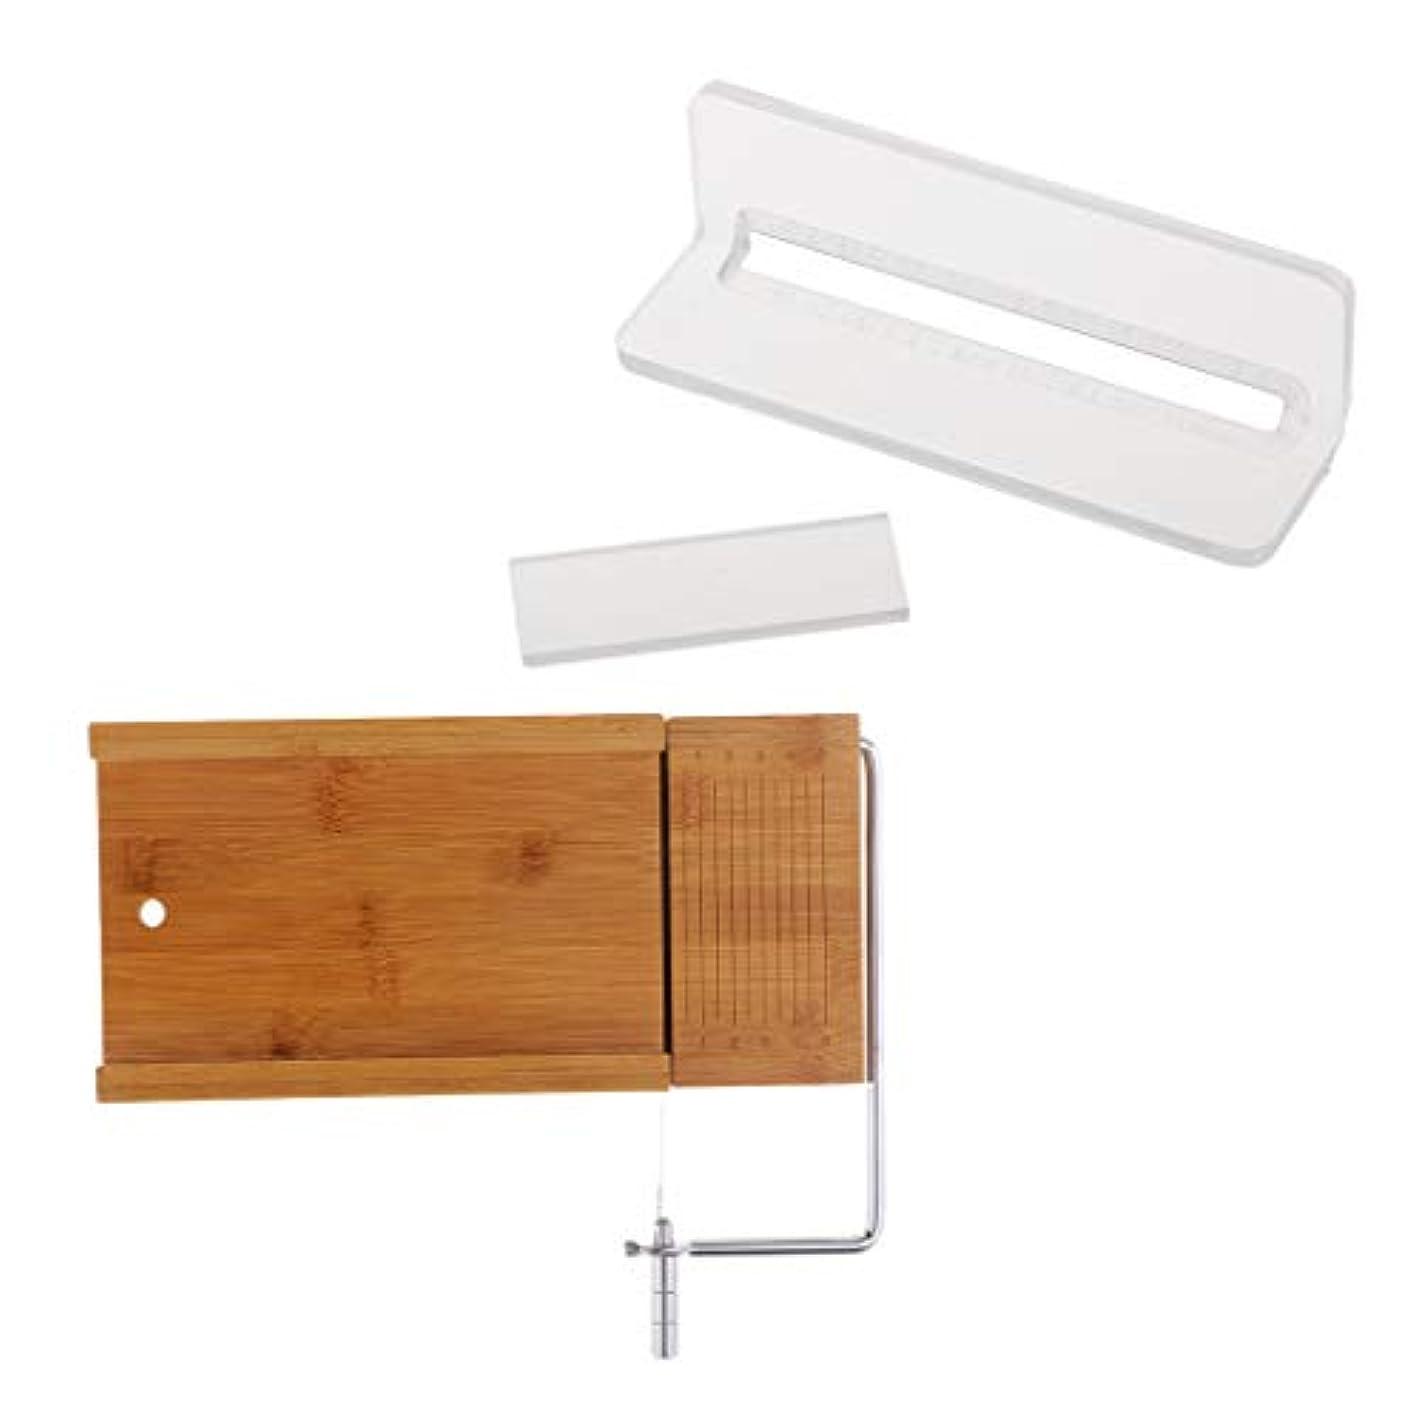 嫌な会計縫うdailymall 木製石鹸カッタースライサーベベラープレーナー手作り石鹸切削工具を作る